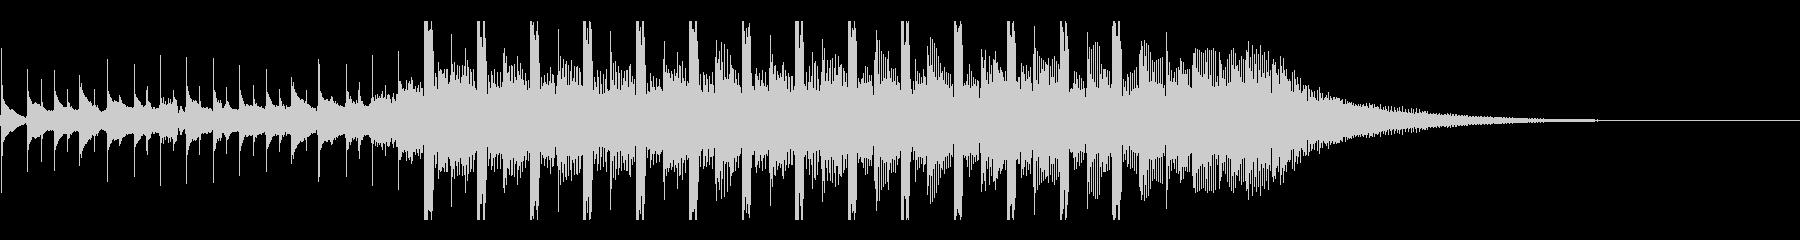 戦略(15秒)の未再生の波形